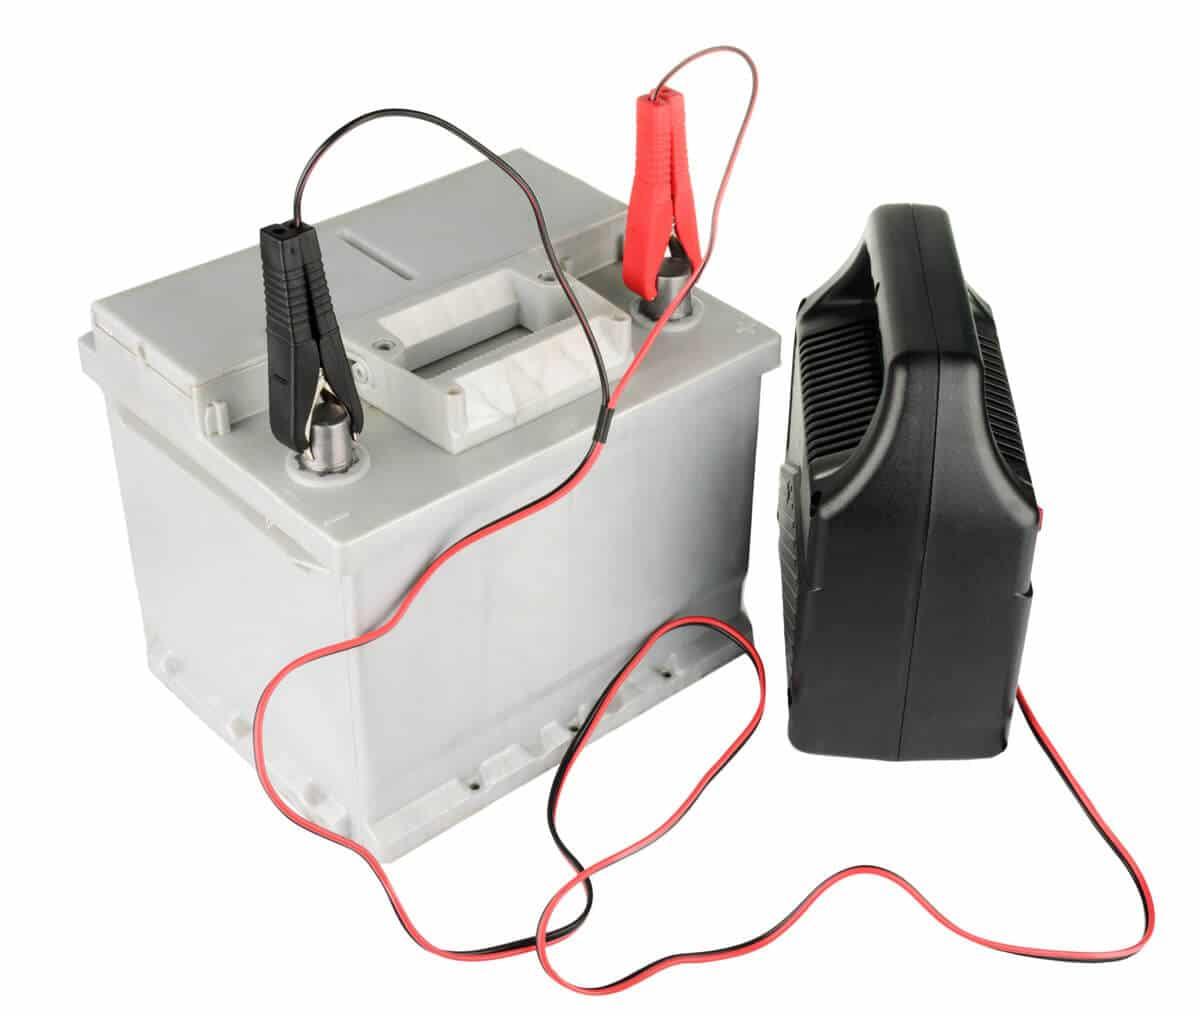 Dépannage de batterie avec cable